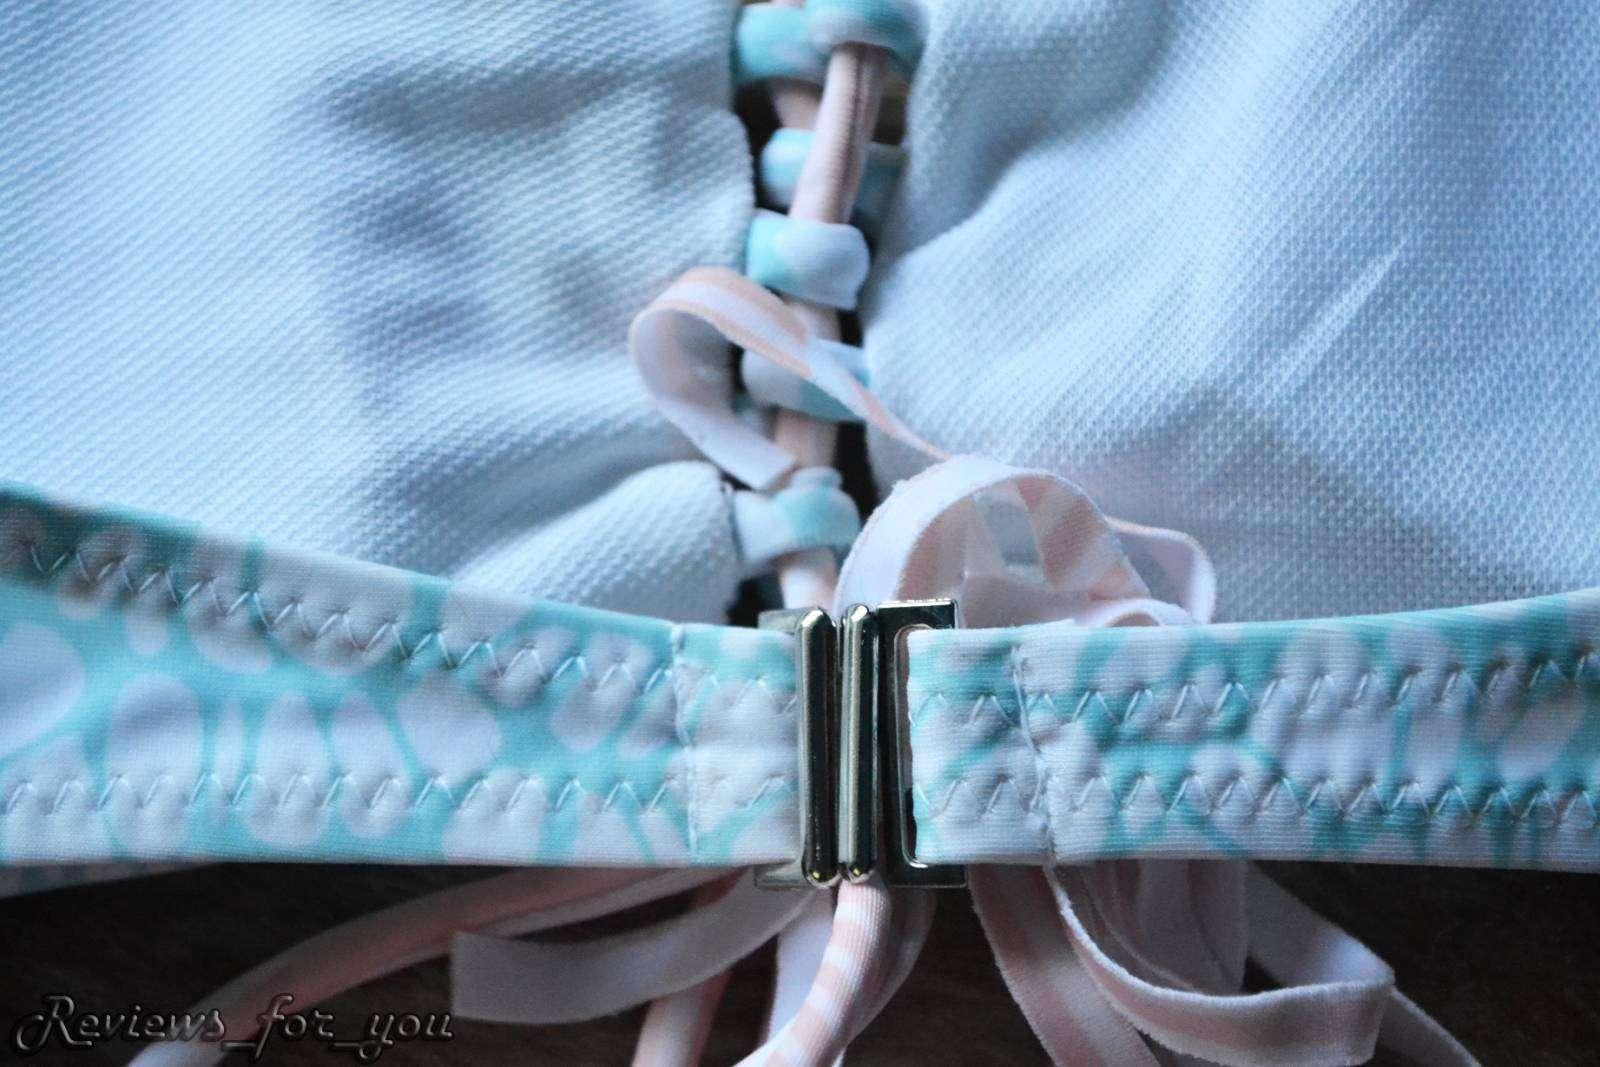 Aliexpress: Купальник нежного цвета, копия бренда VS